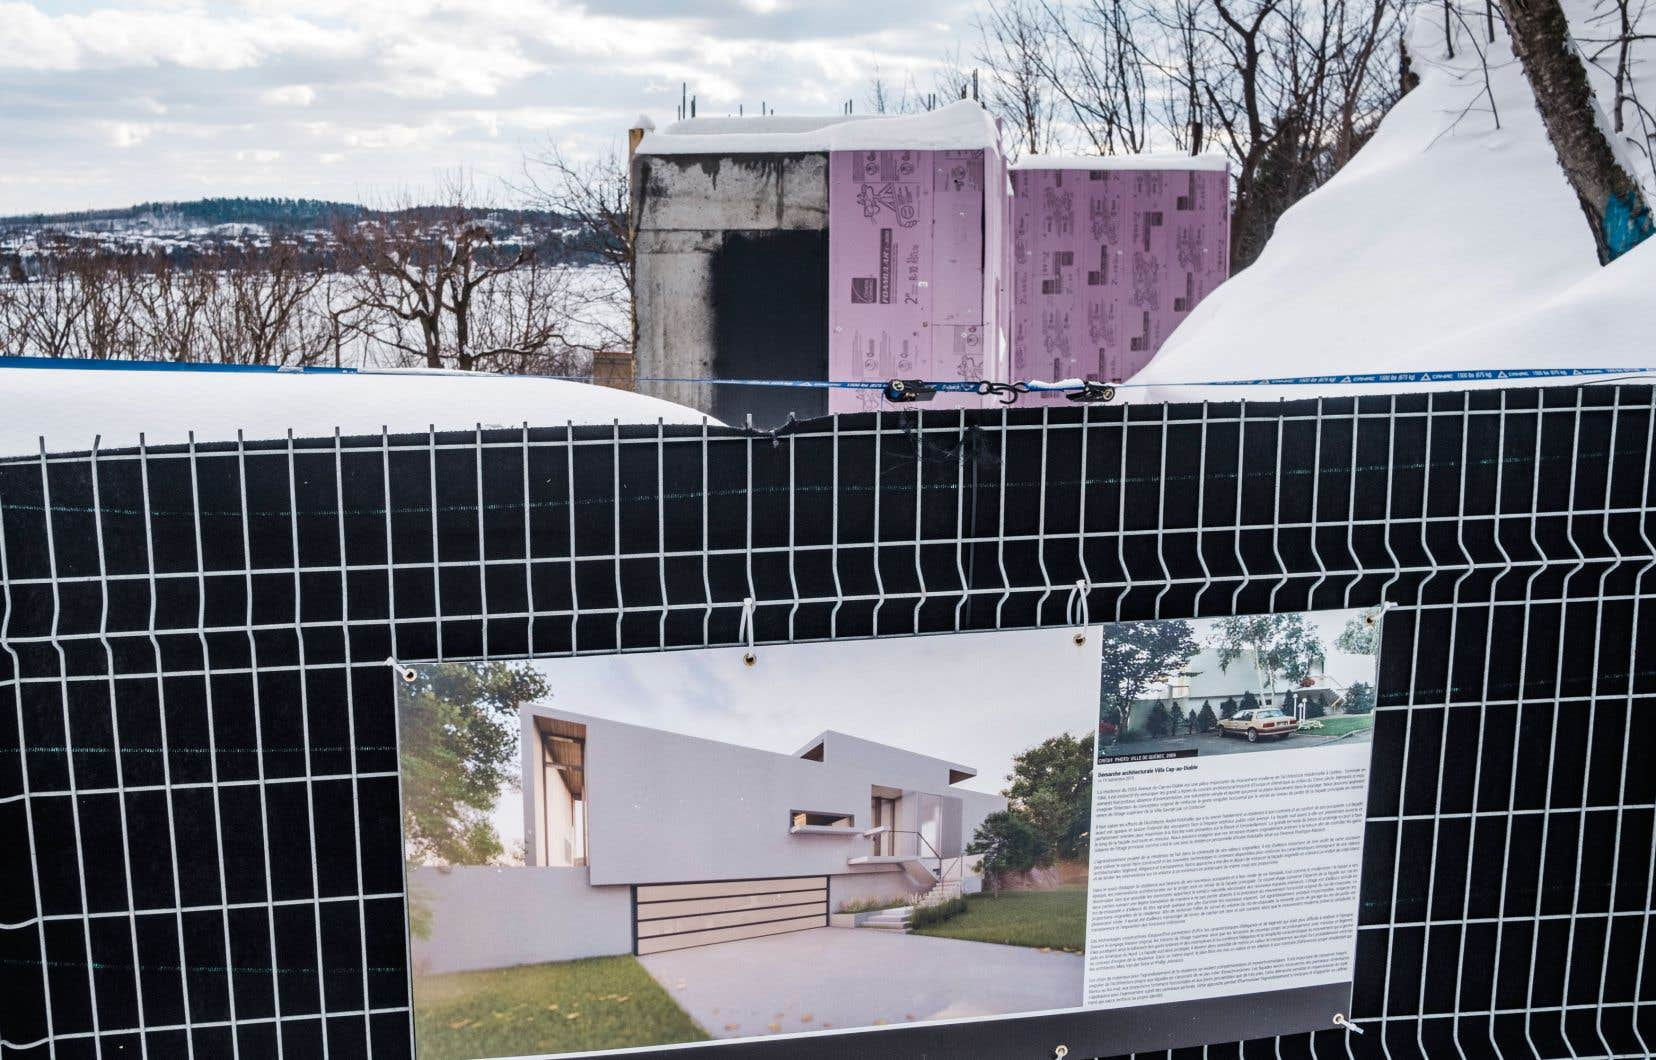 Il ne reste plus que des fondations là où s'élevait une maison d'intérêt patrimonial. Sur la clôture qui interdit l'accès au terrain, on aperçoit une photographie de la résidence démolie sans autorisation.